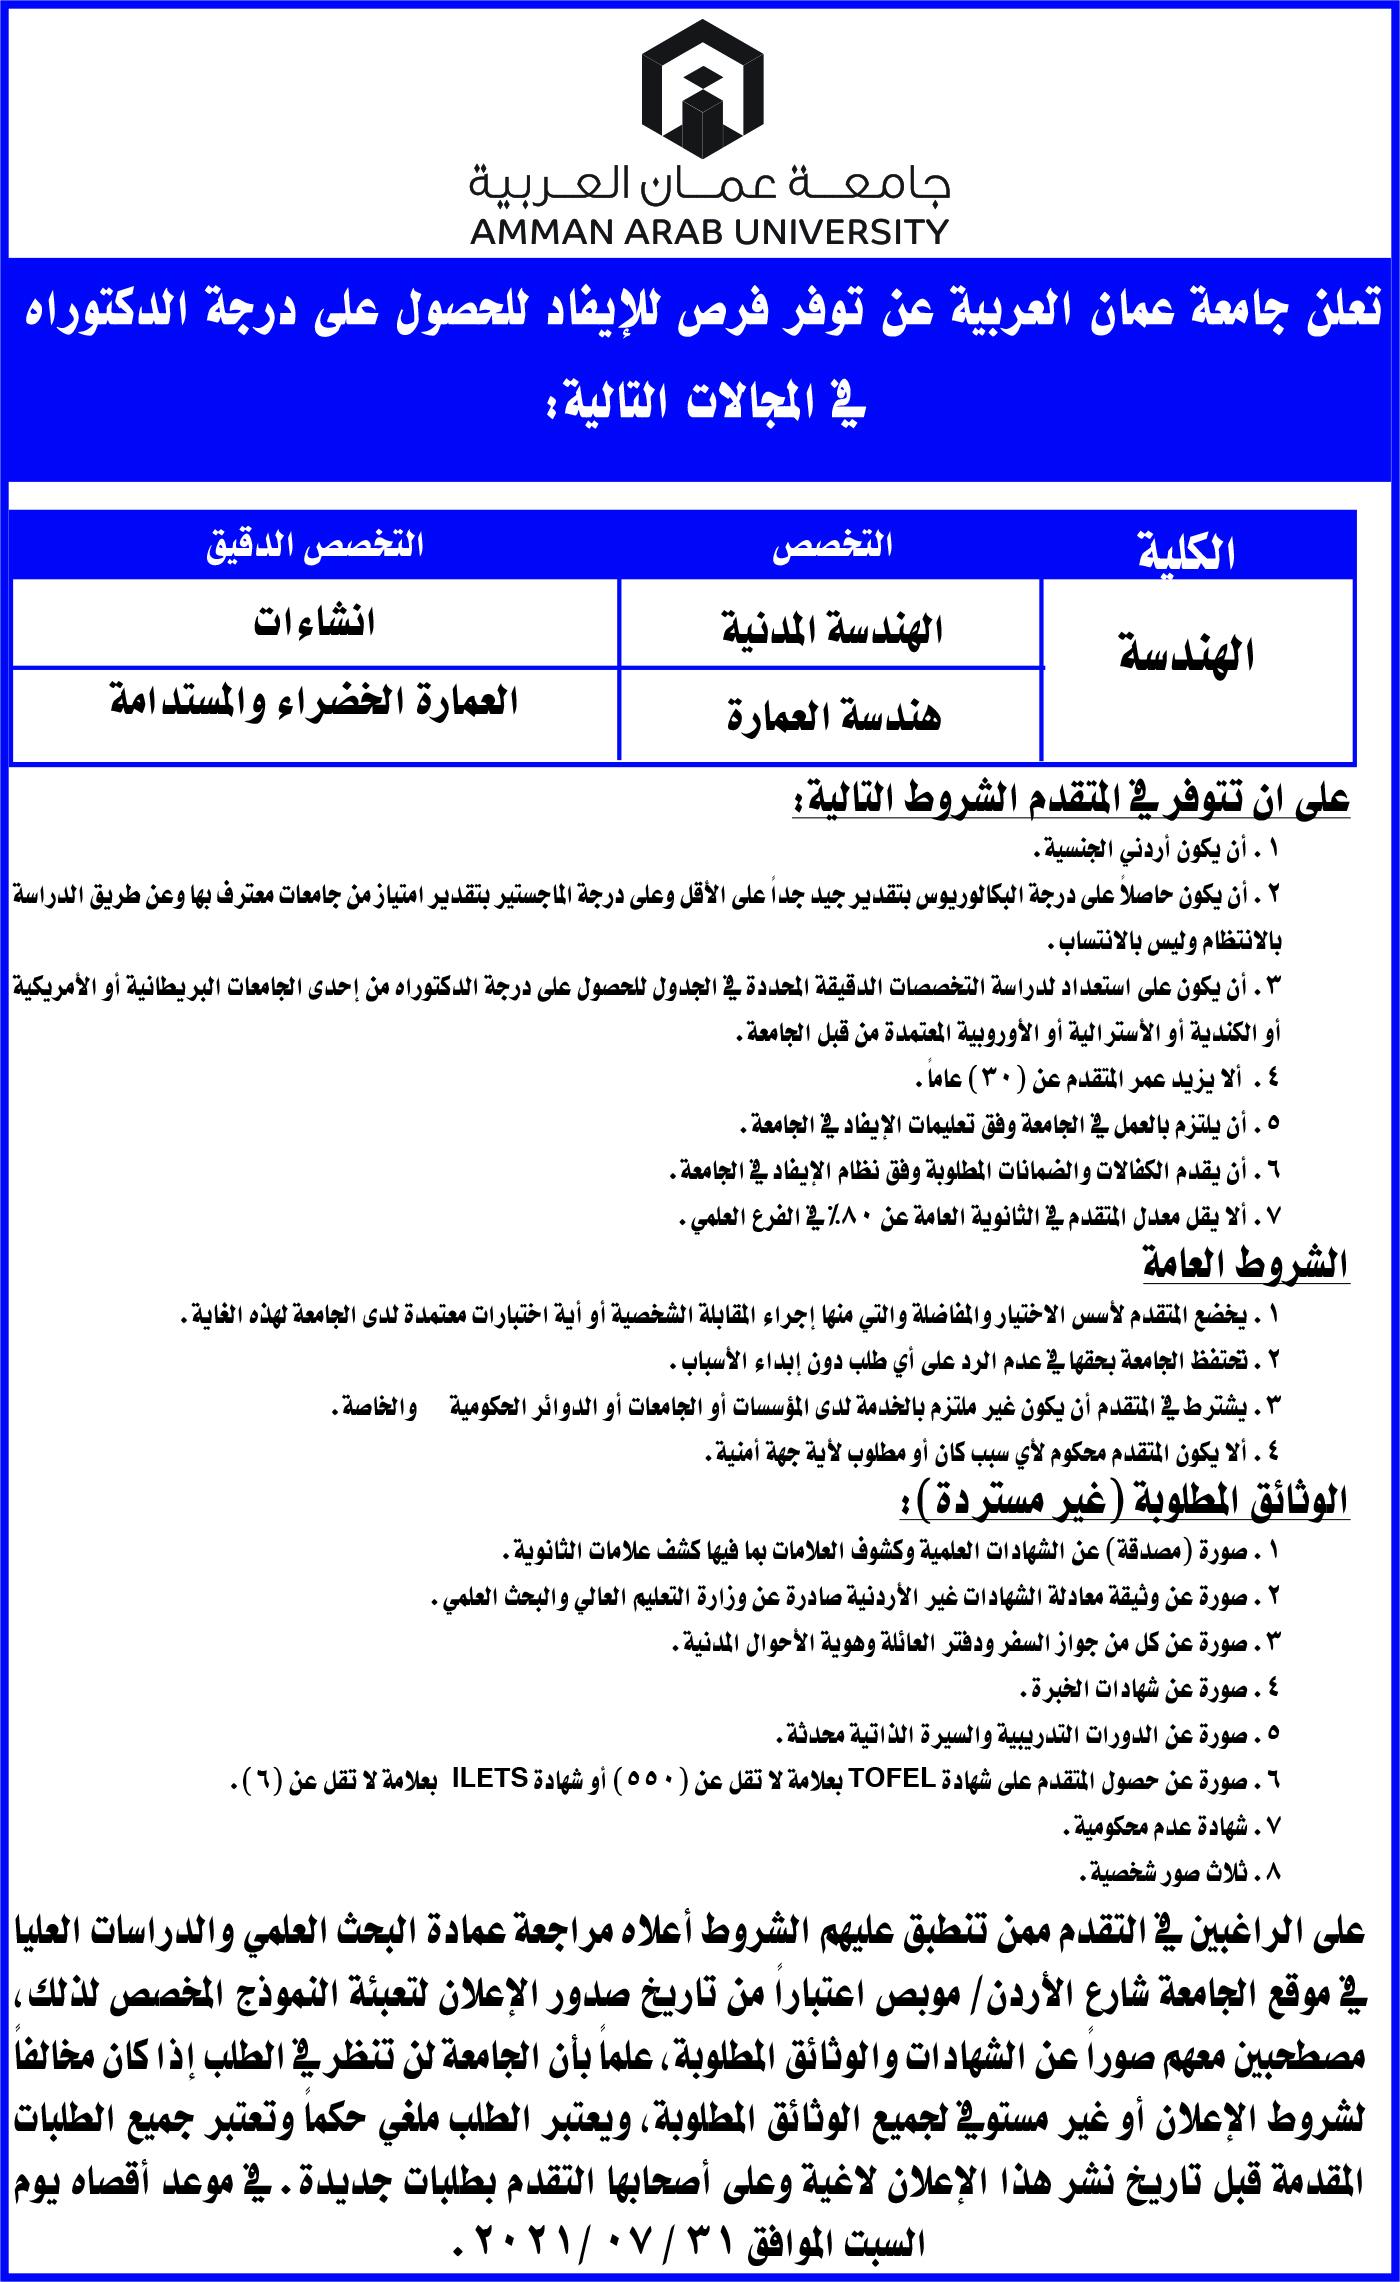 تعلن جامعة عمان العربية عن توفر فرص للإيفاد للحصول على درجة الدكتوراه